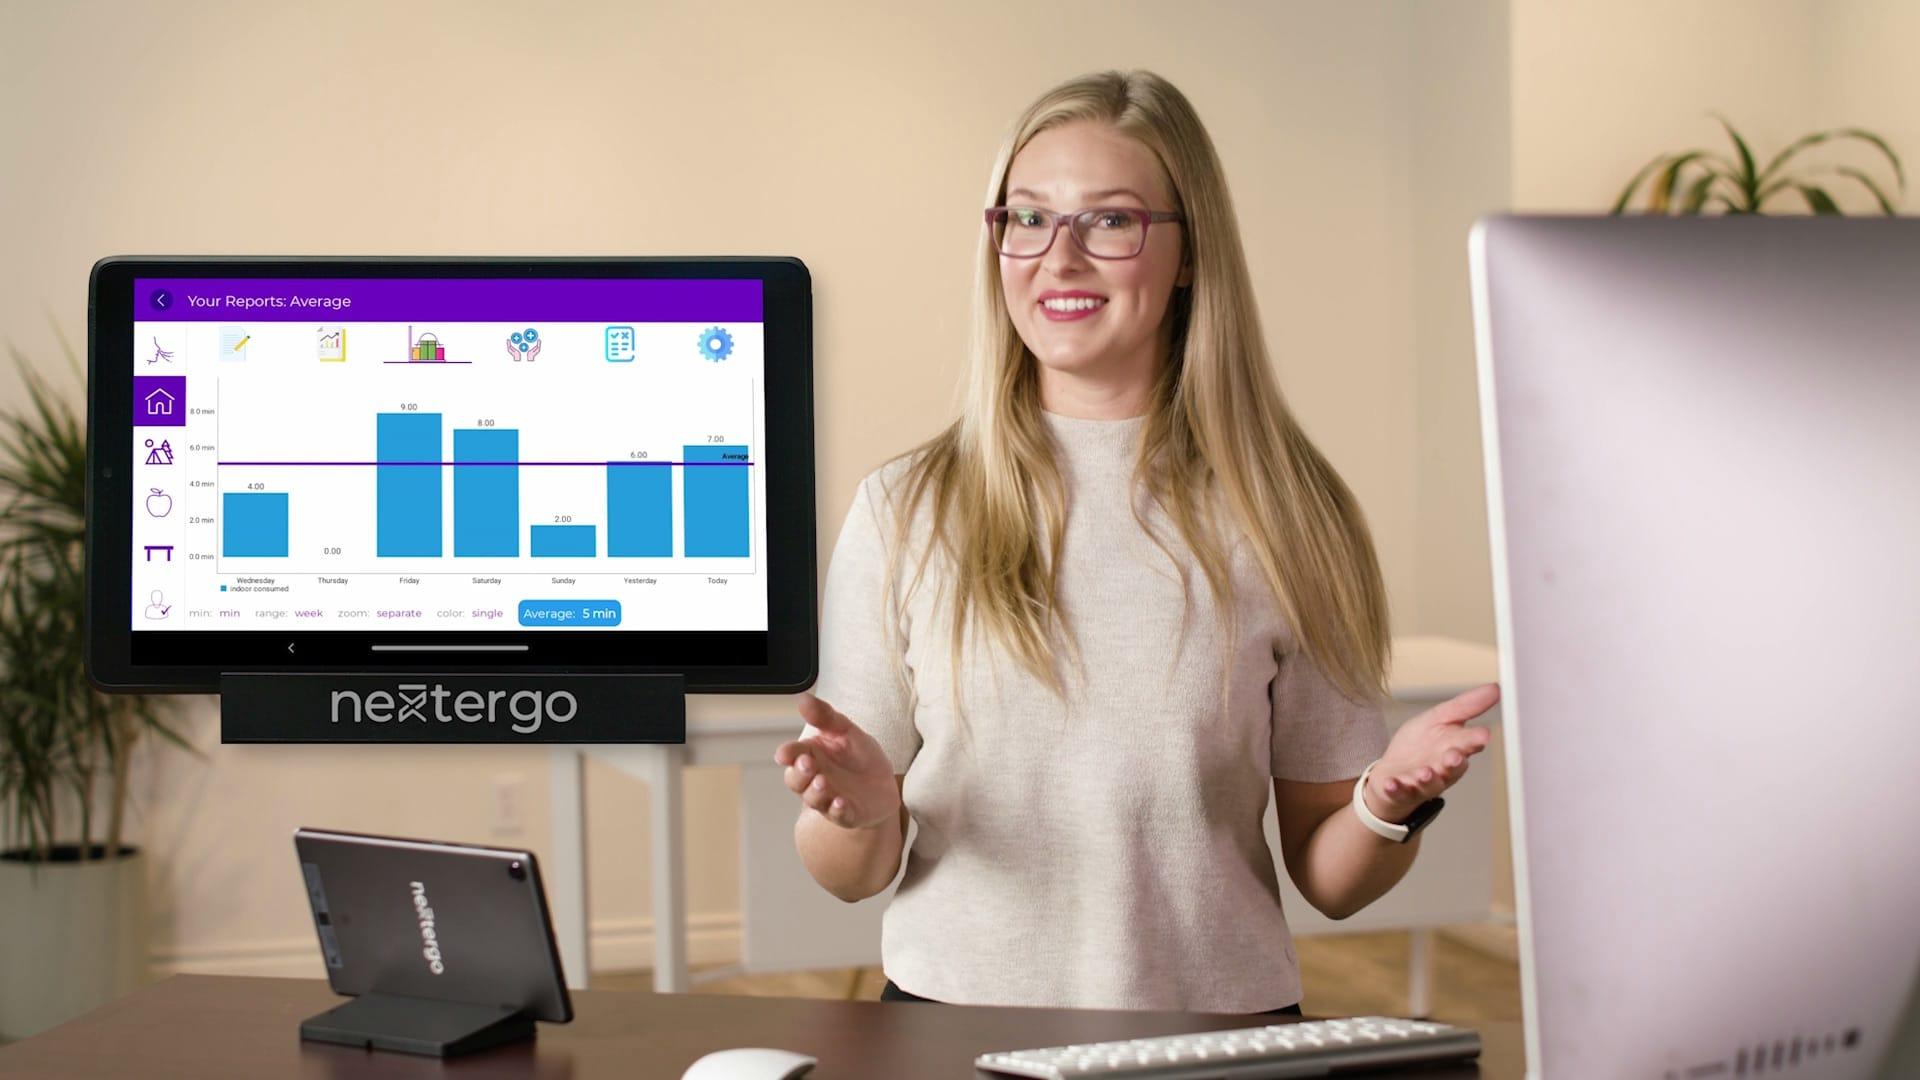 NextErgo AI smart standing desk has guided ergonomics and health & wellness benefits